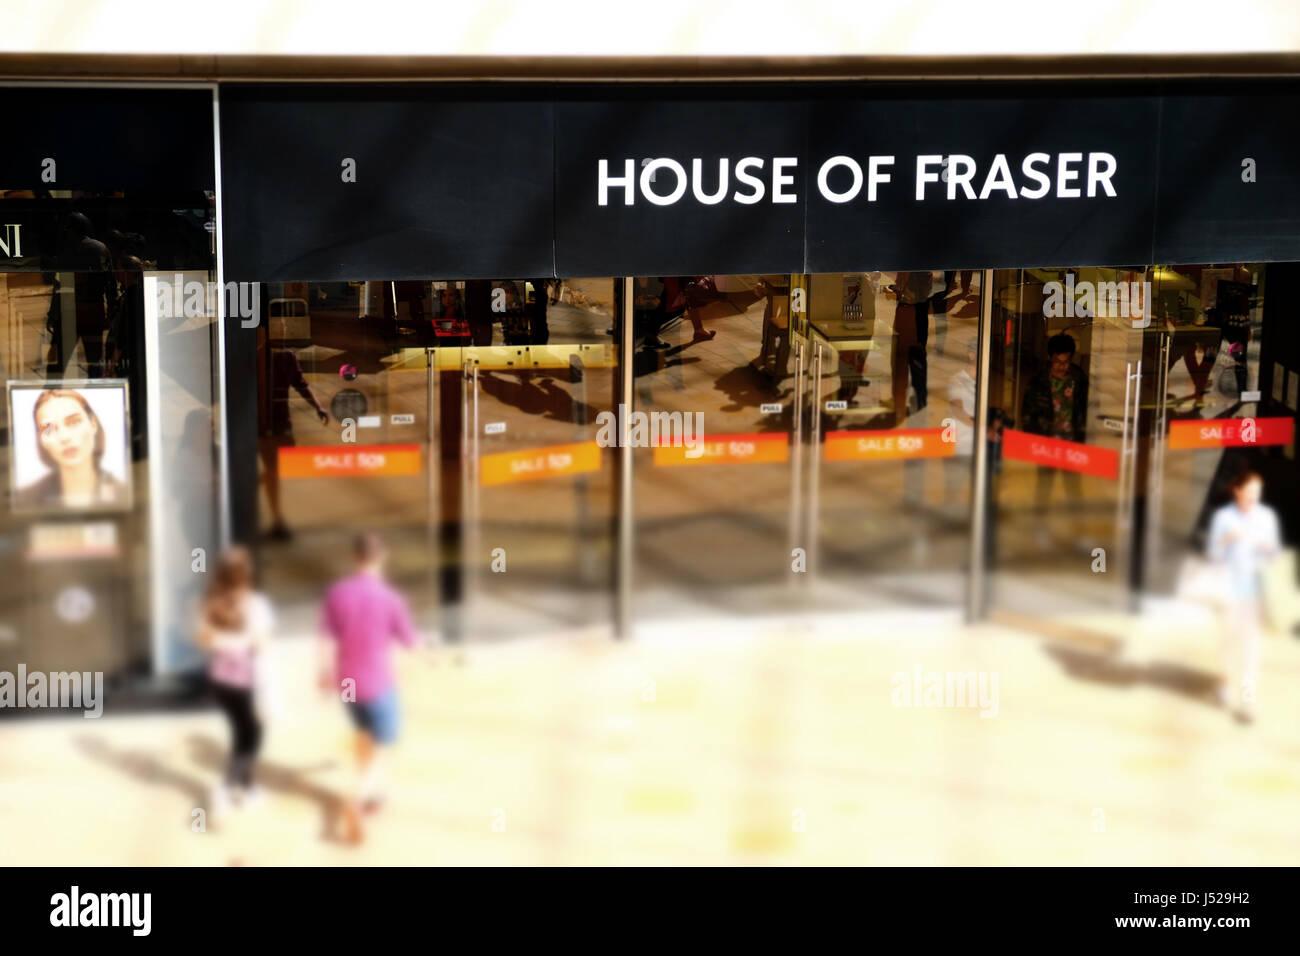 L'entrata di una casa di Faser store, indicando chiaramente il nome dell'azienda e del marchio Immagini Stock